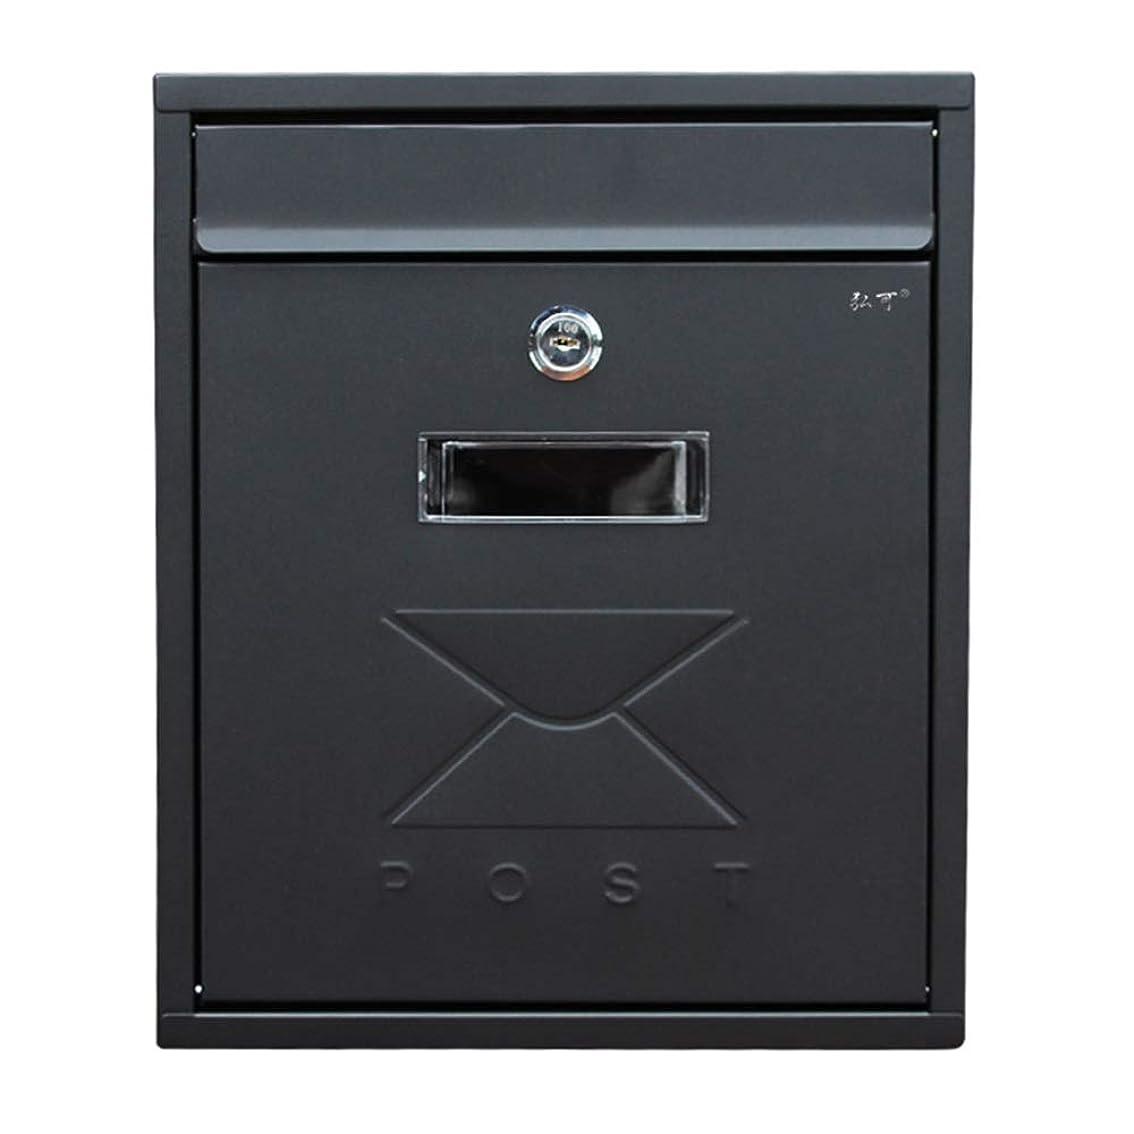 フロースチュアート島精神的にYD メールボックス - 亜鉛プレート、ヨーロッパの黒い防水性と防雨性の小さな壁掛けホーム屋外窓のメールボックス、ヴィラ、中庭、家庭に適して - 31X26X9.5cm /#